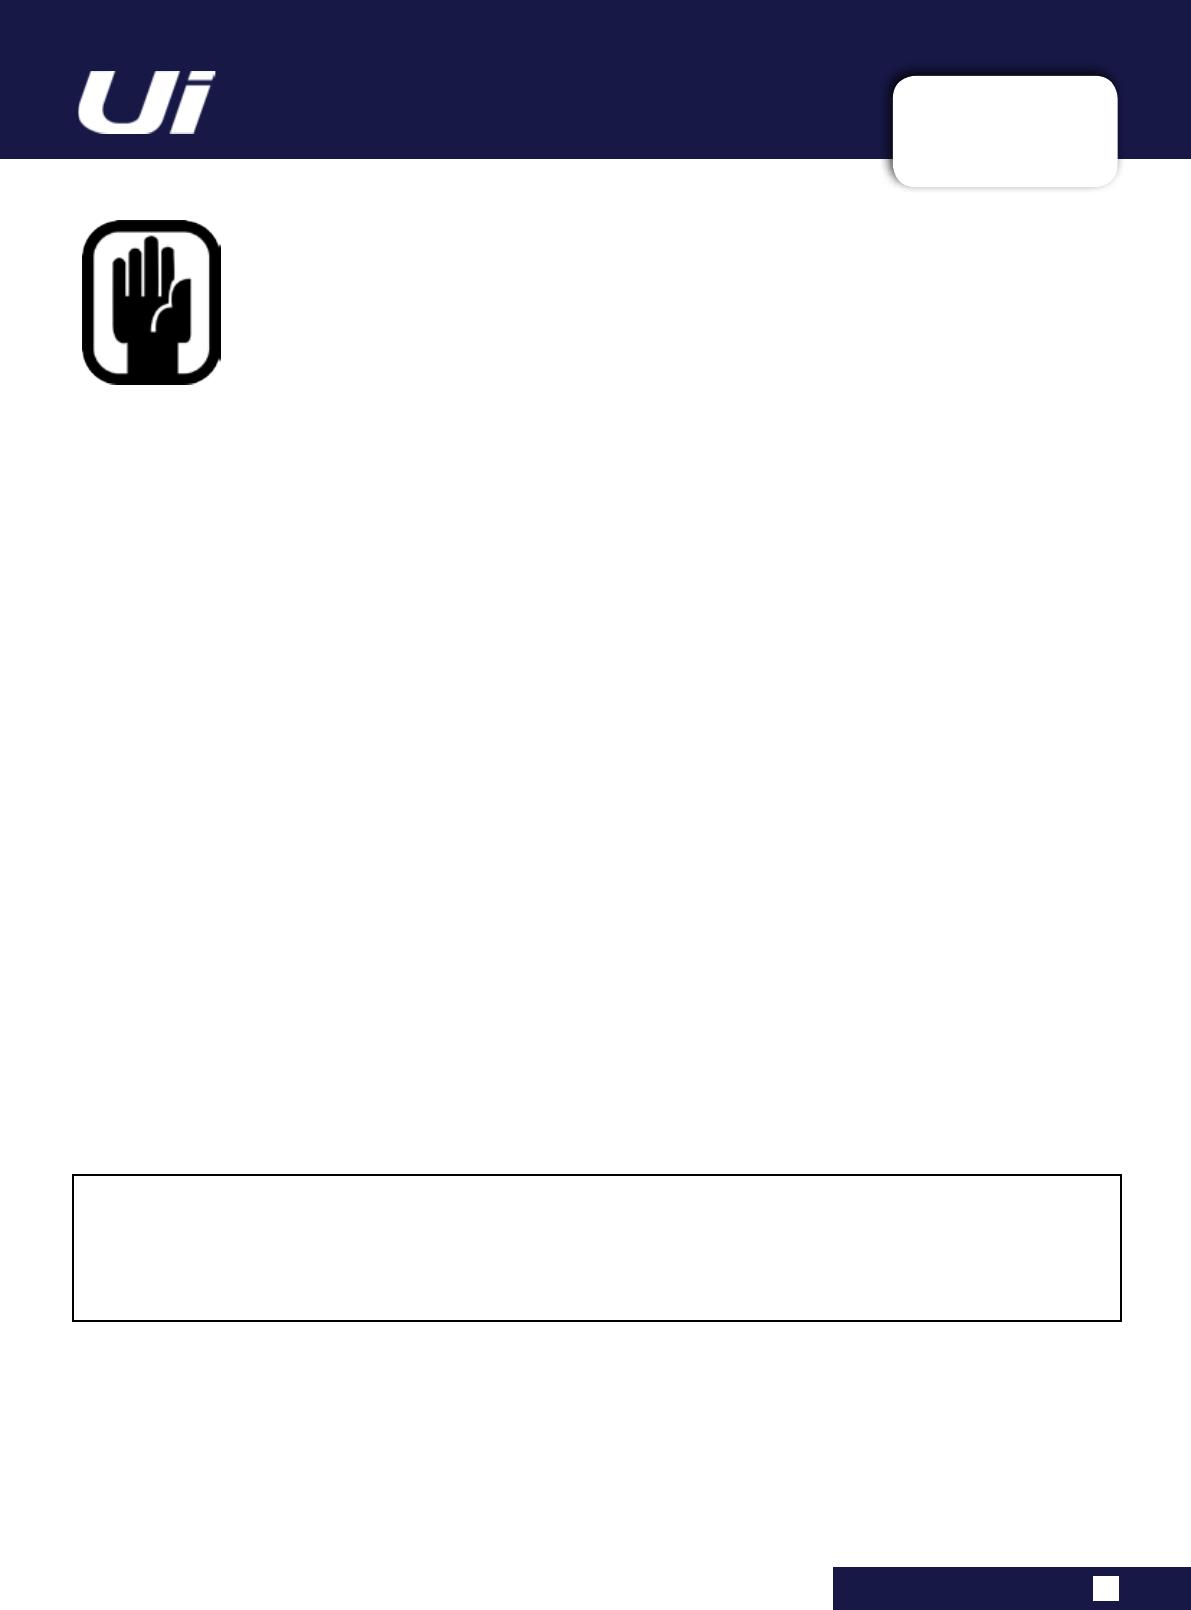 Harman UI24RMIXER 24 Channel Digital Mixer/Recorder User Manual